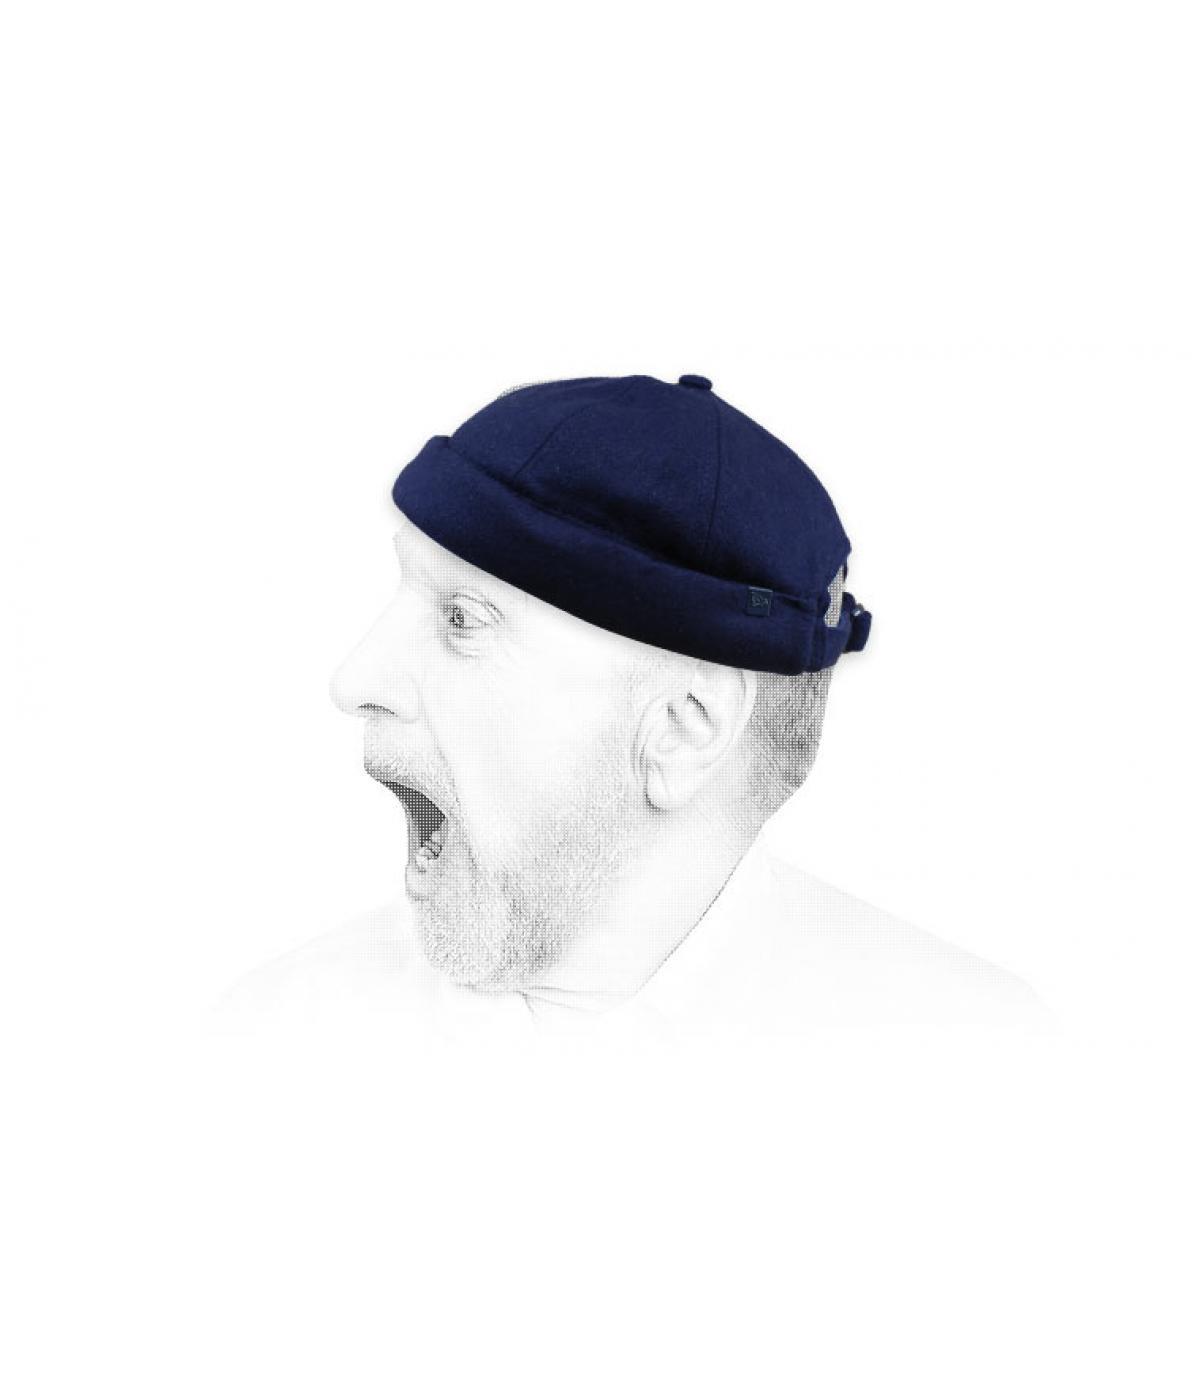 Docker Mütze blau Wolle New Era